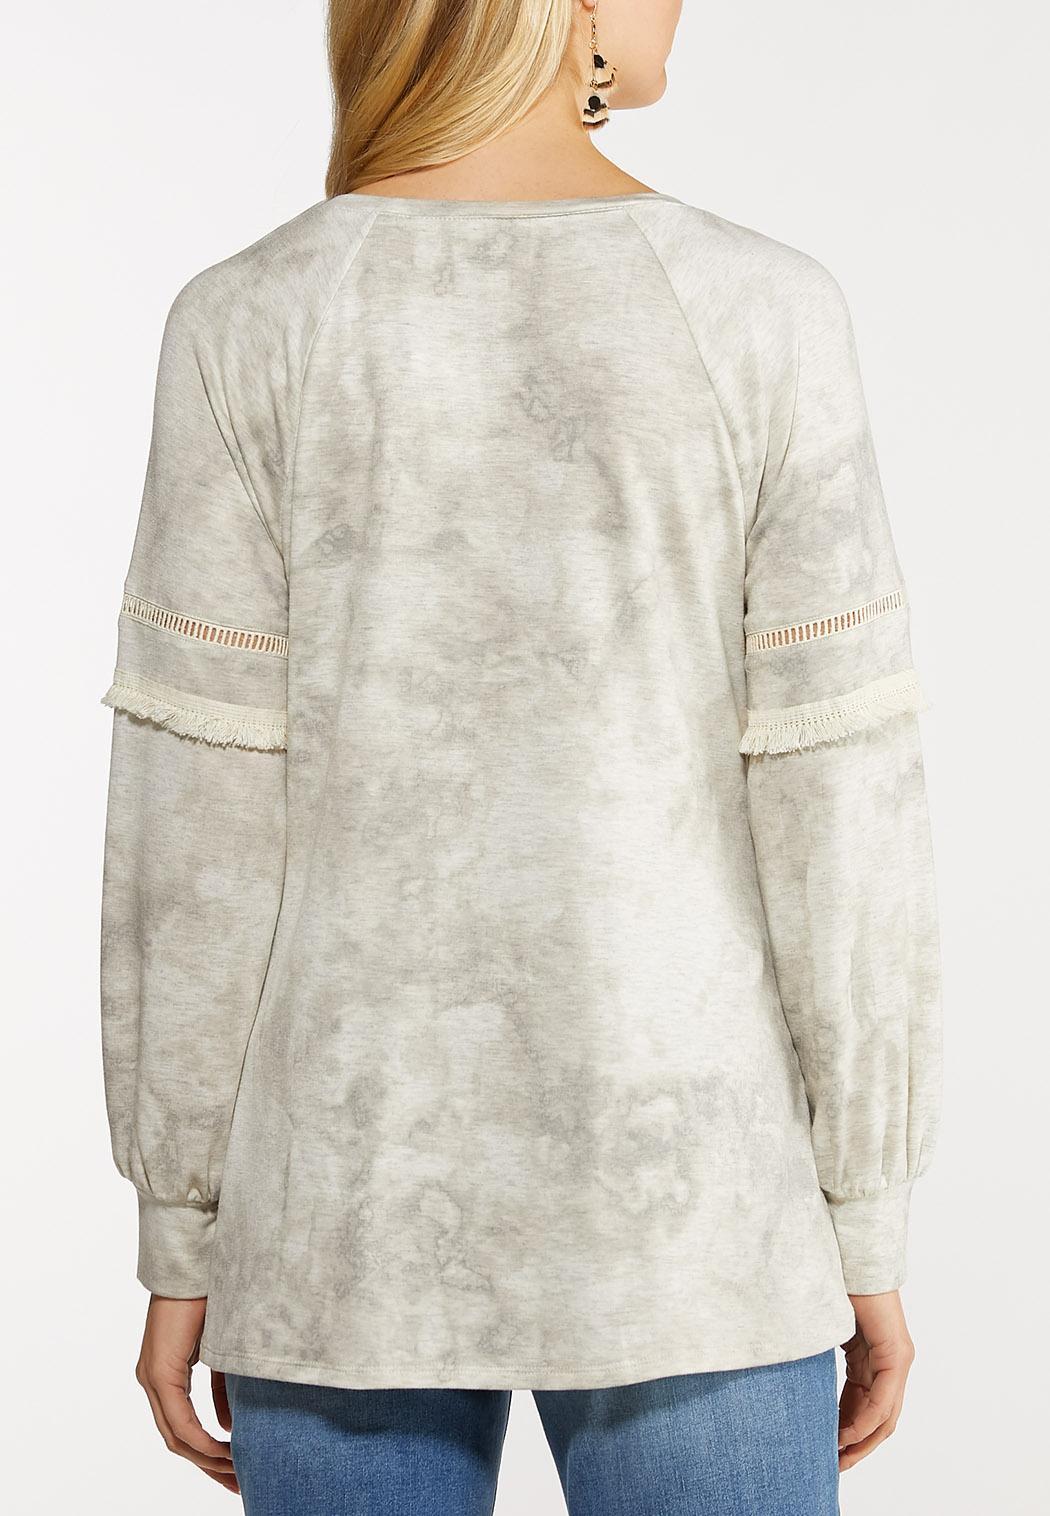 Plus Size Oatmeal Tie Dye Twist Top (Item #44107223)